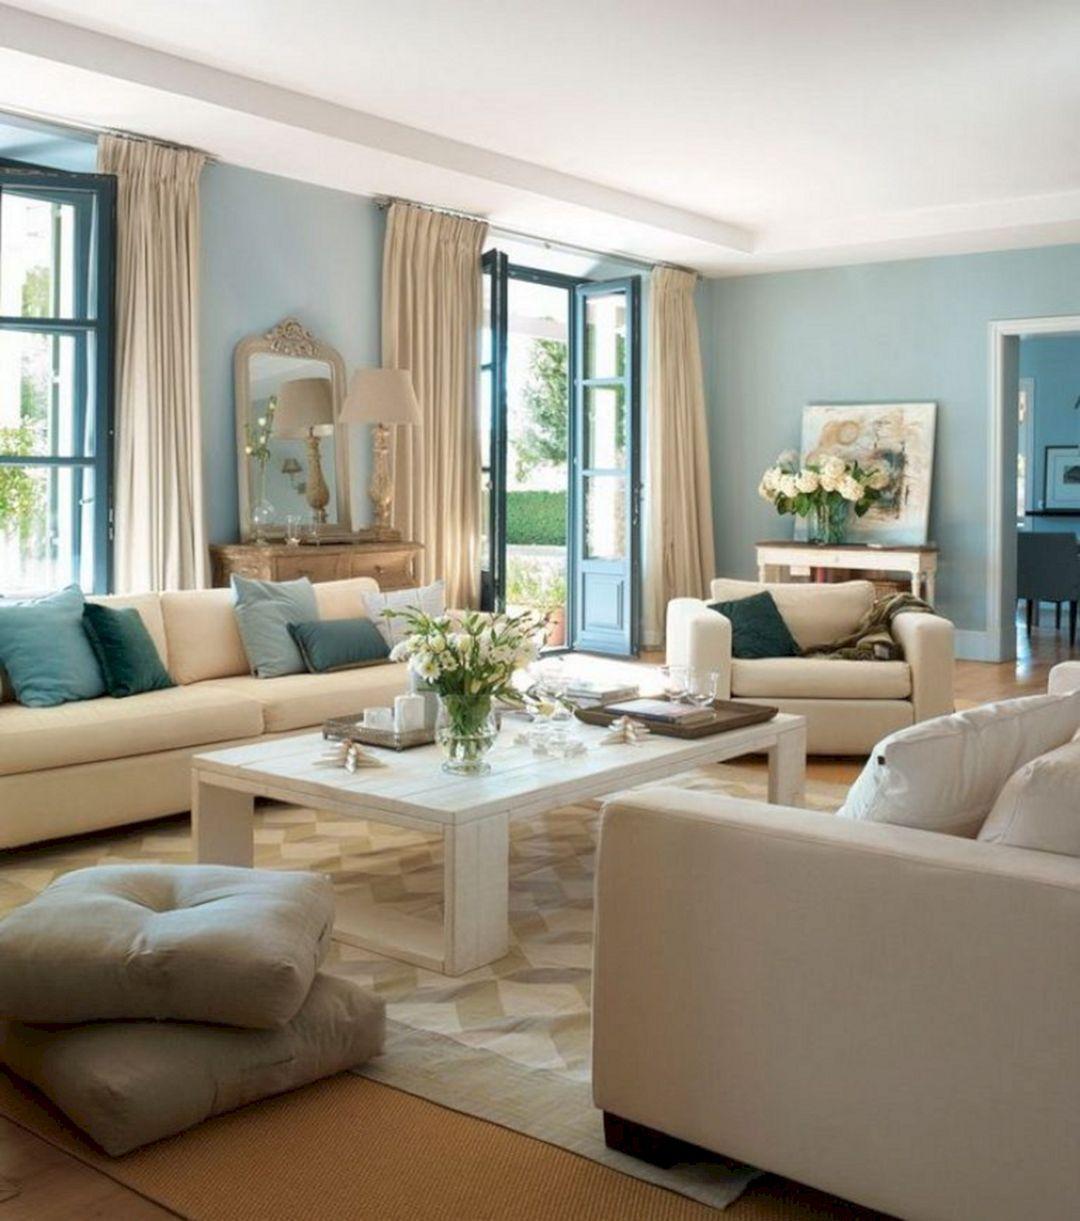 15 Extraordinary Aqua Blue Living Room Design That Looks ...